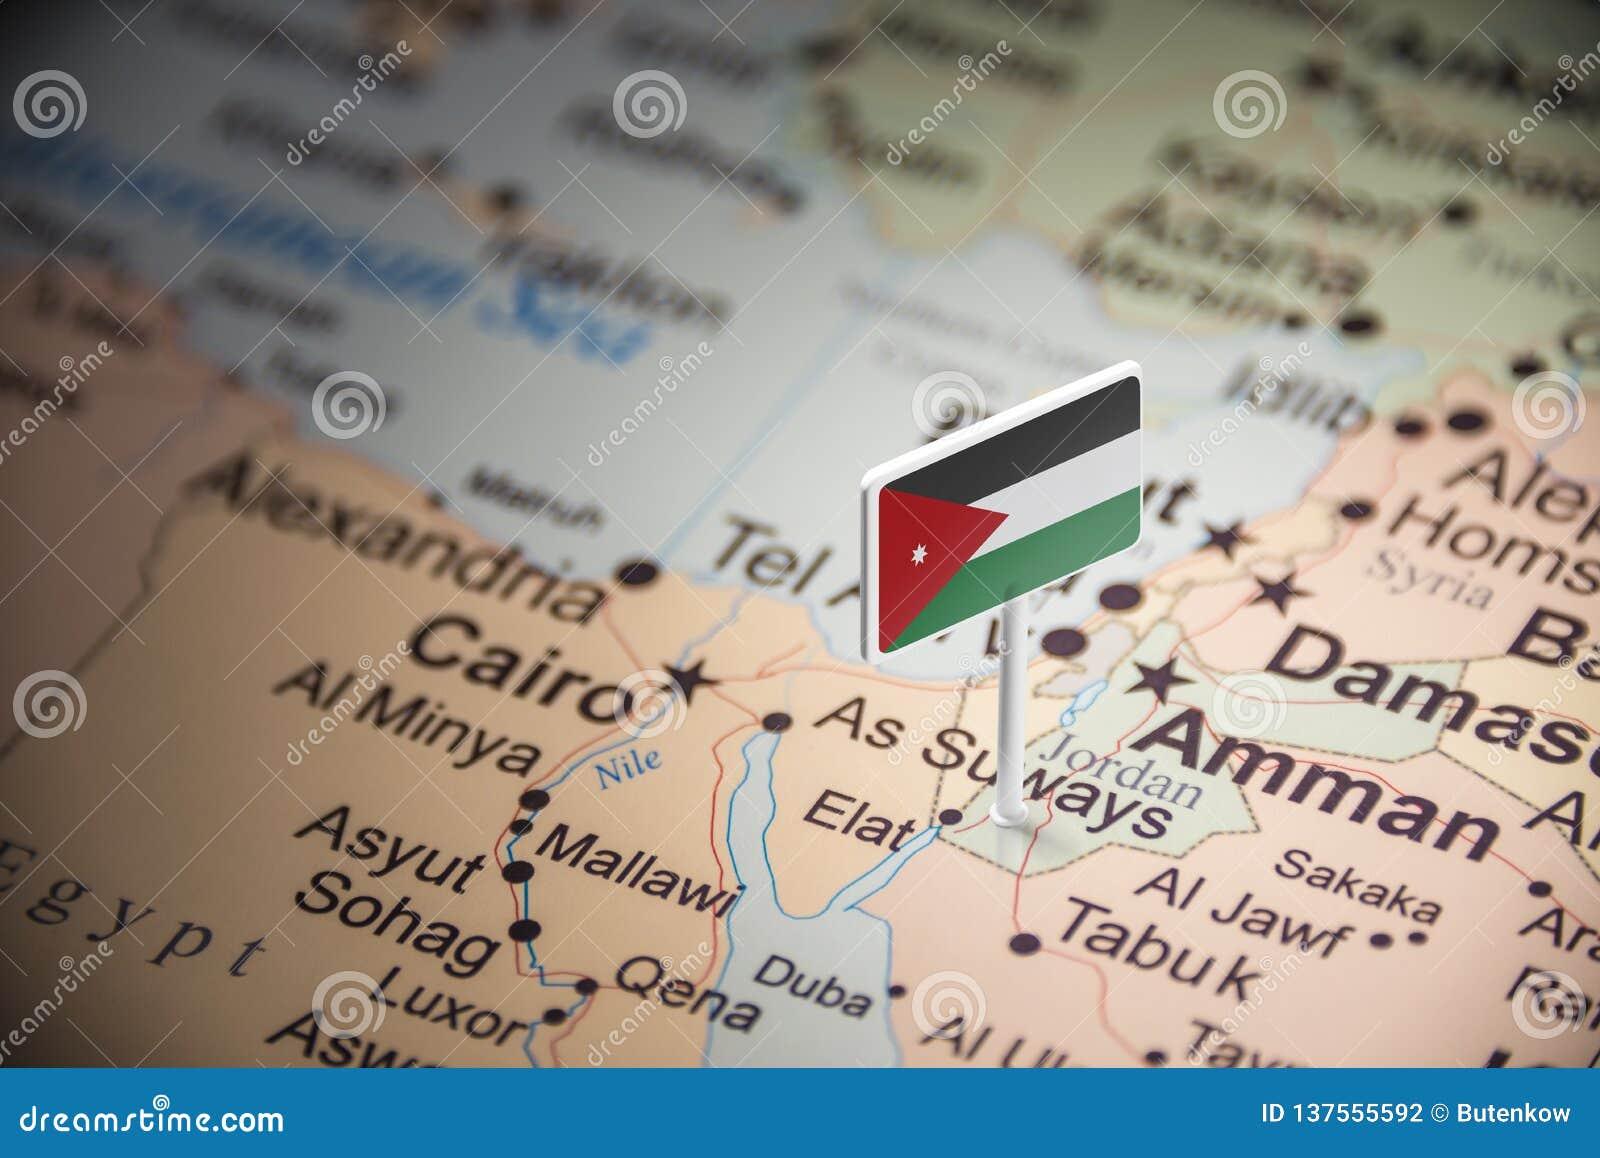 Jordanien markierte mit einer Flagge auf der Karte